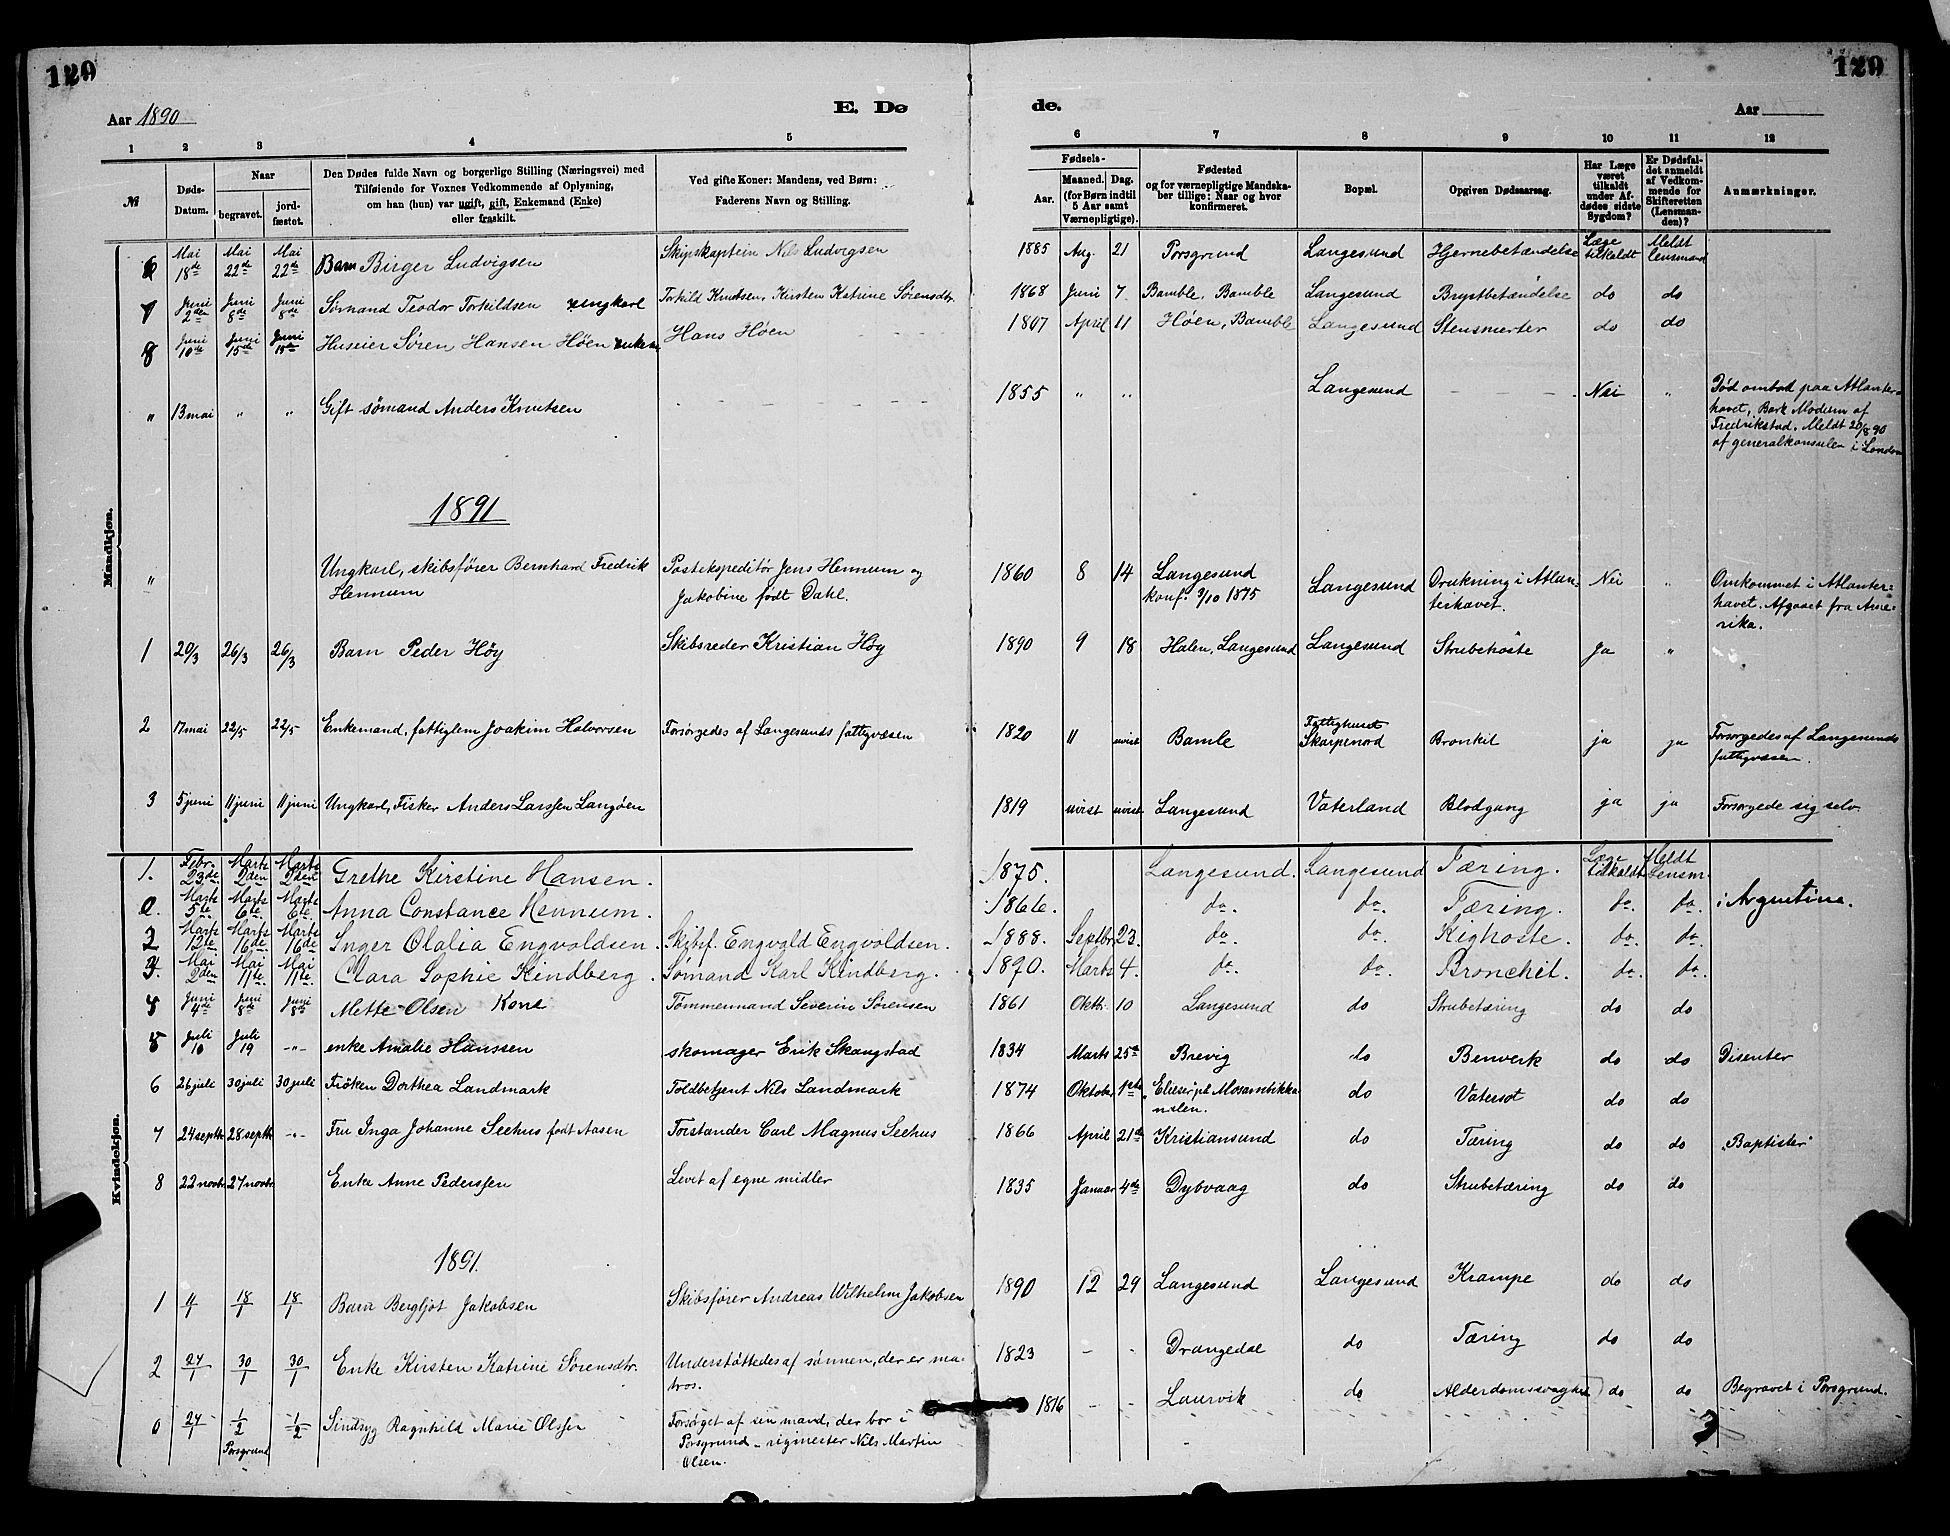 SAKO, Langesund kirkebøker, G/Ga/L0005: Klokkerbok nr. 5, 1884-1898, s. 129